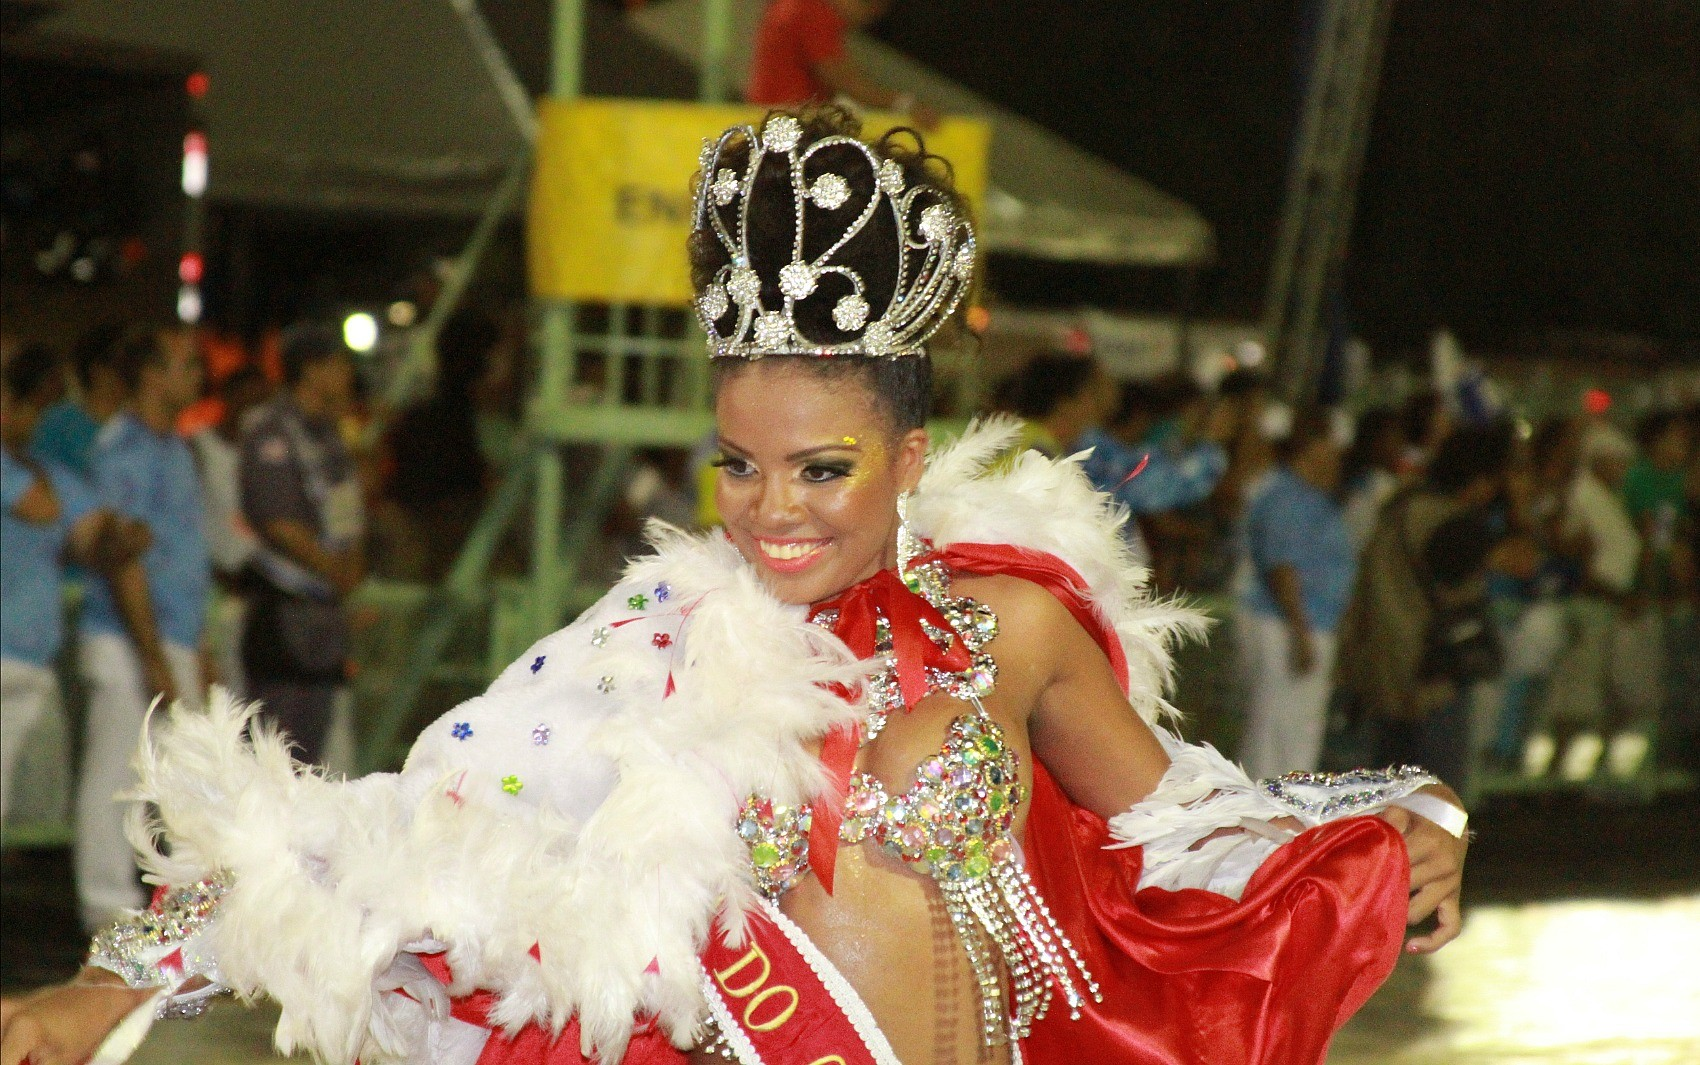 Rainha do Carnaval de Manaus, Luciana Santos, abriu o desfile da escola (Foto: Frank Cunha/G1)